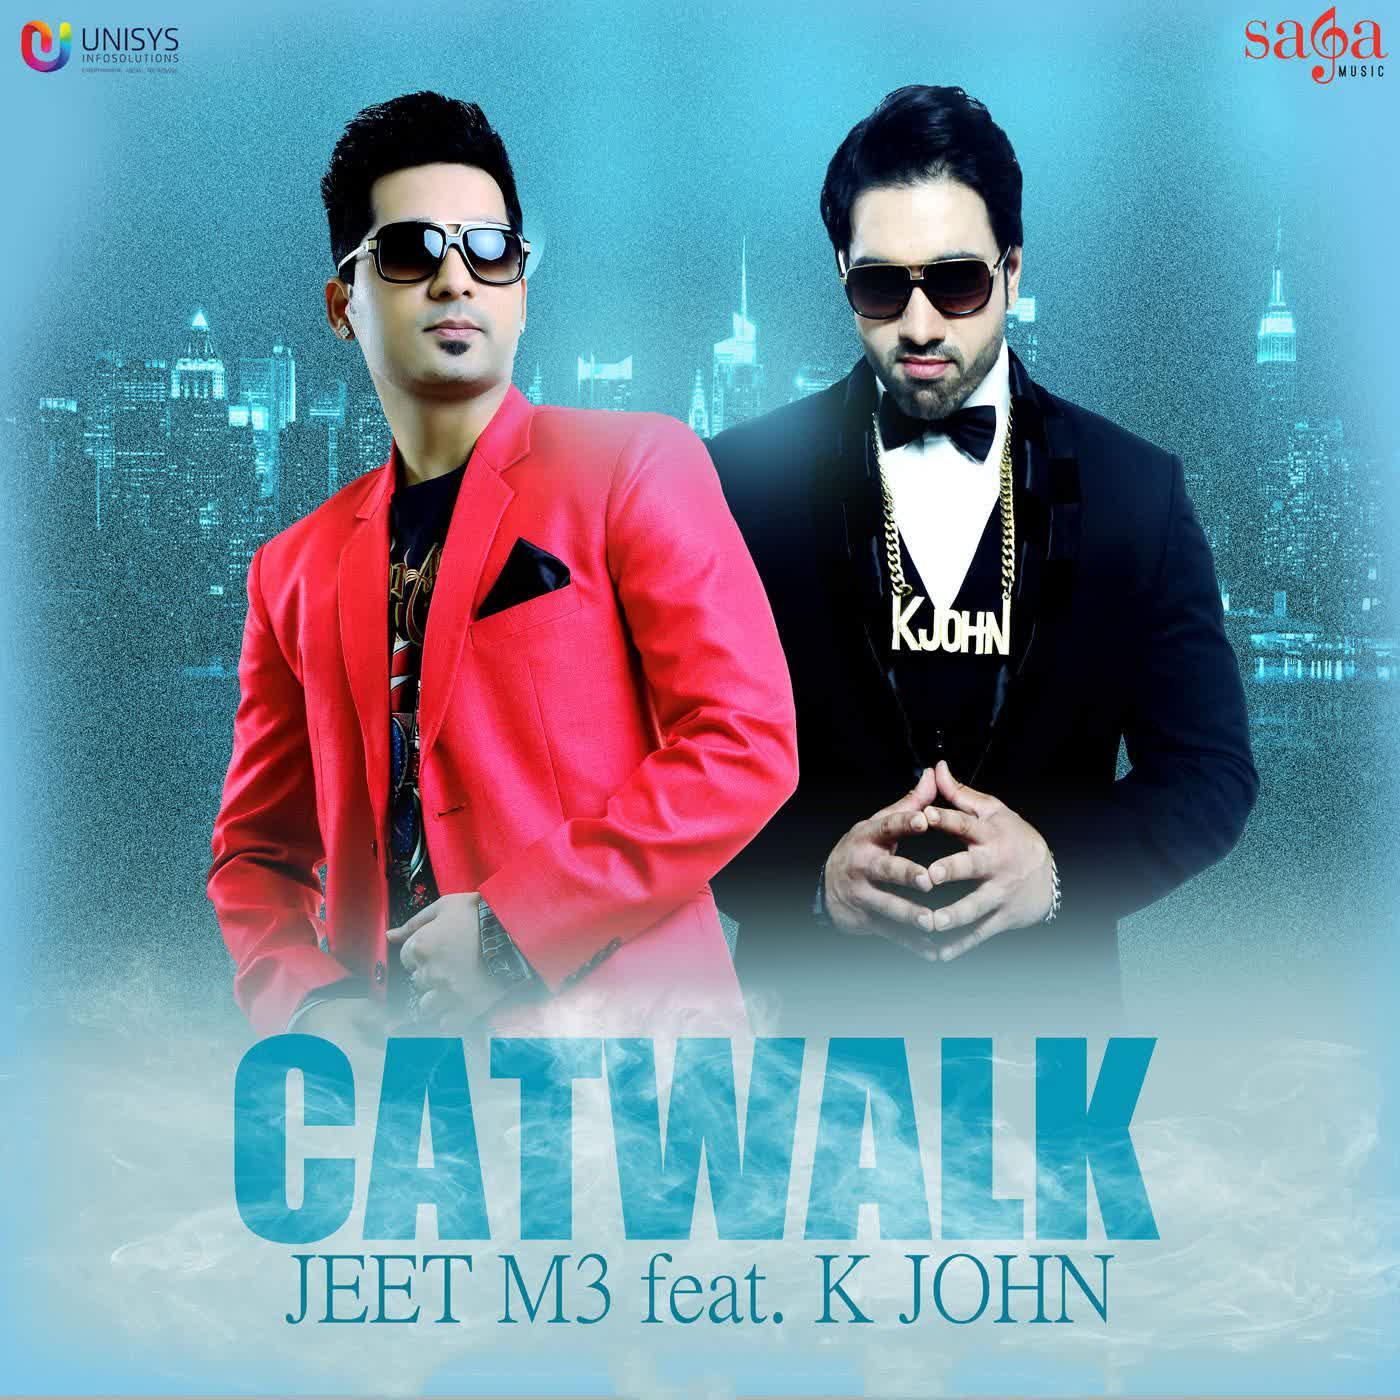 Catwalk Jeet M3